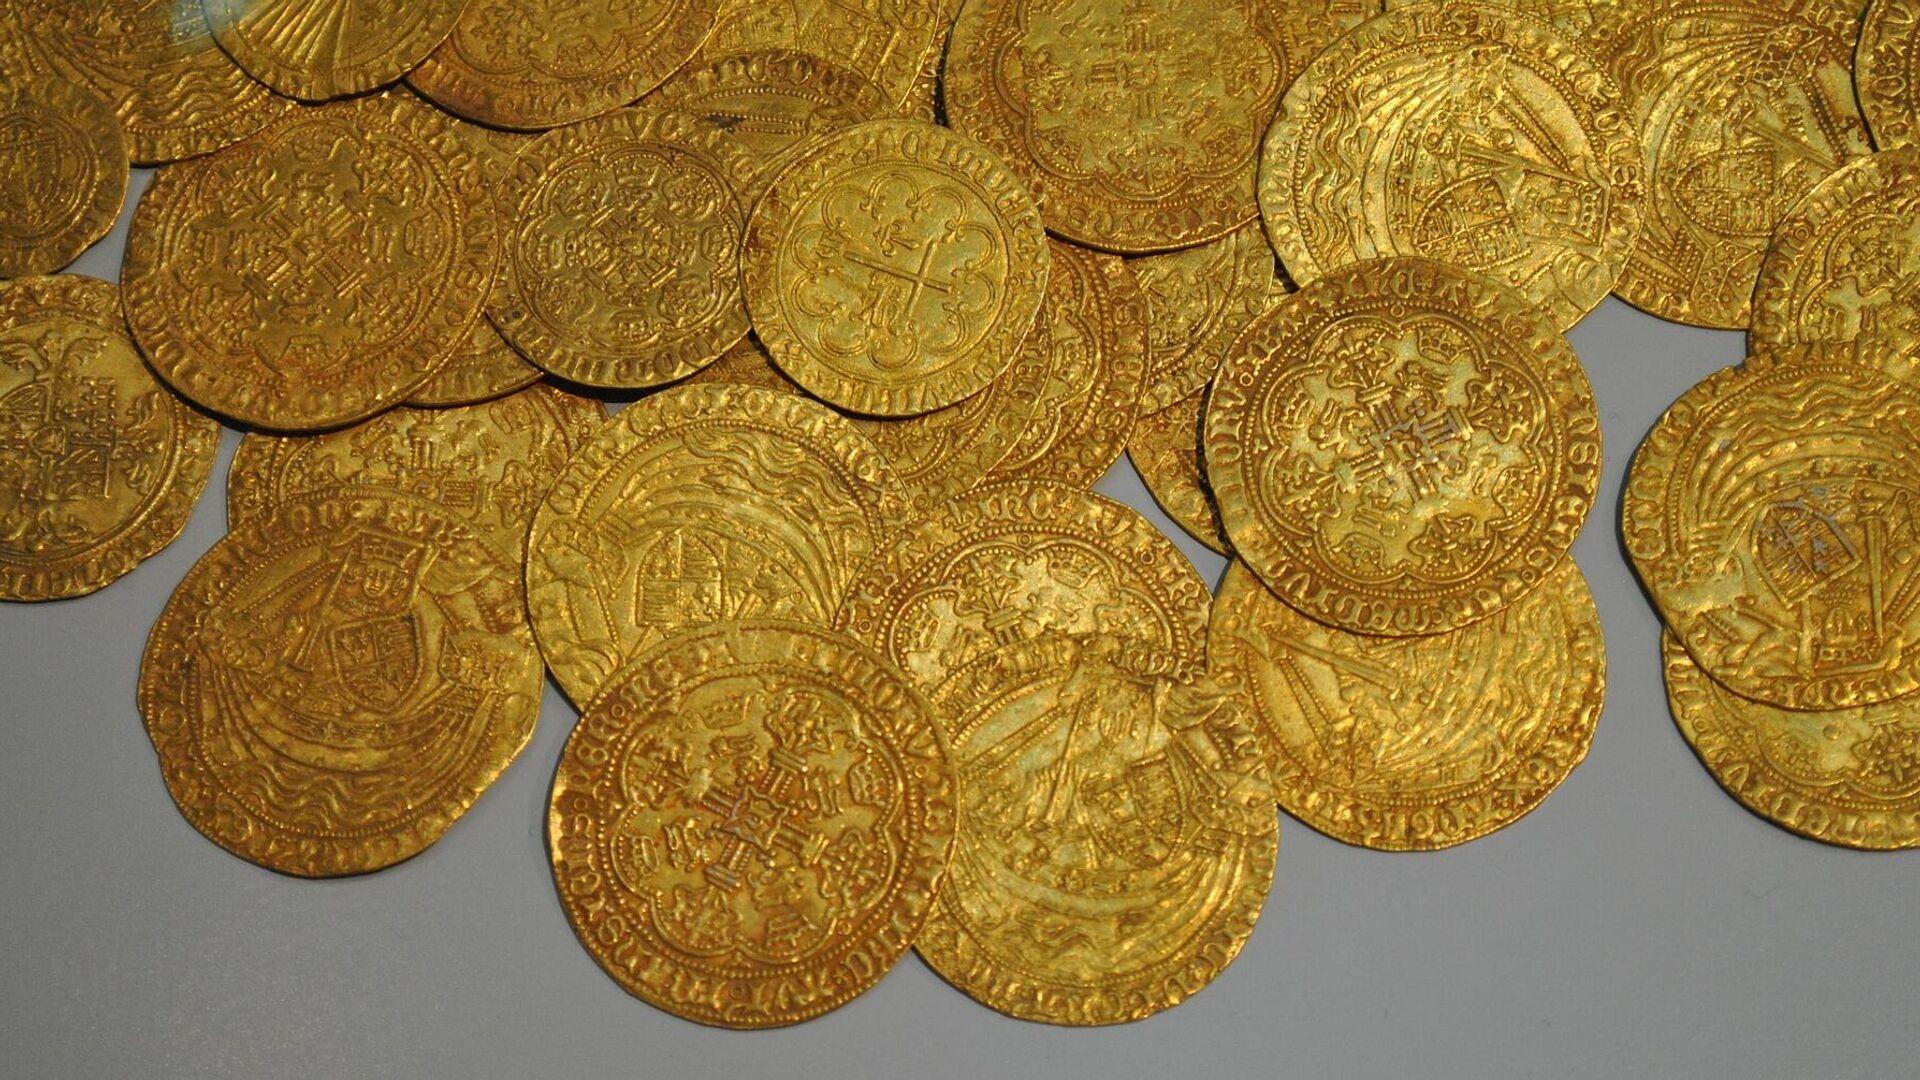 Monedas de oro. Imagen referencial - Sputnik Mundo, 1920, 02.03.2021